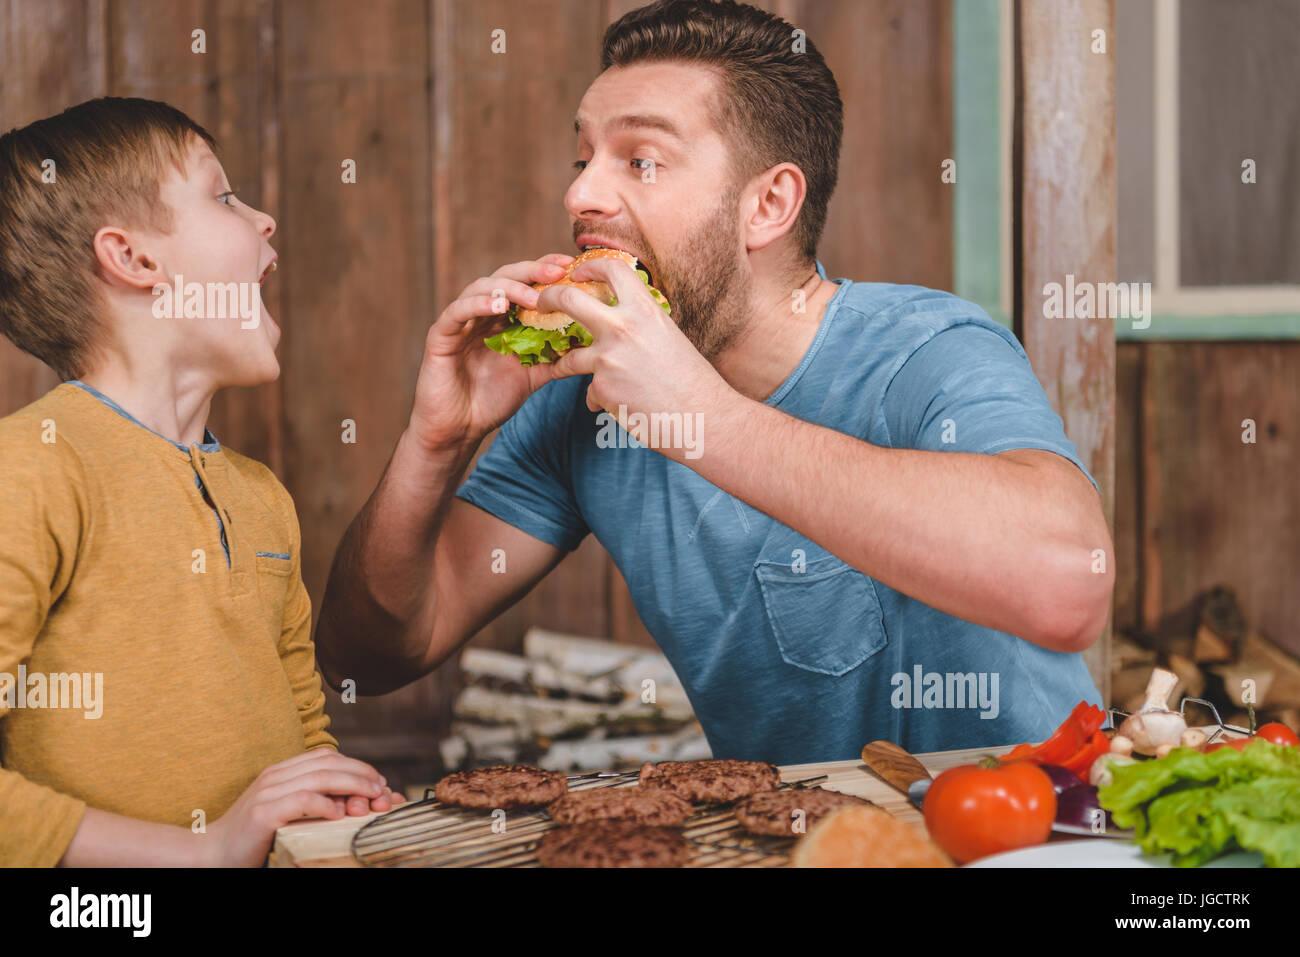 Vista lateral del hombre comiendo hamburguesas caseras con pequeño hijo cerca Imagen De Stock